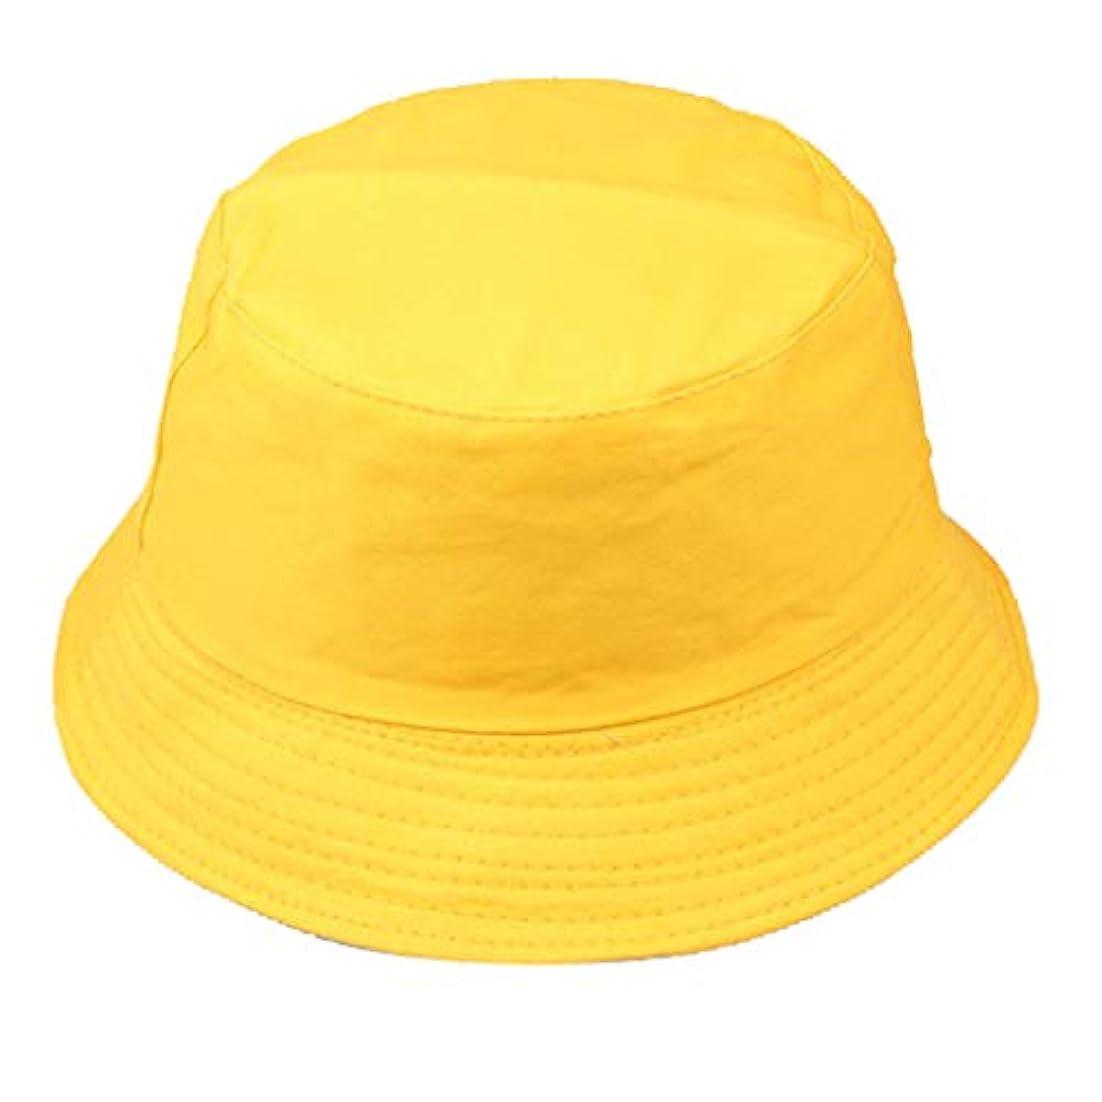 湿地ベスト印をつける帽子 レディース 漁師帽 つば広 UVカット 熱中症 夏 海 紫外線 日除け レディース 帽子 キャップ ハット レディース 漁師の帽子 小顔効果抜群 アウトドア 紫外線対策 日焼け対策 ハット 調整テープ ROSE ROMAN